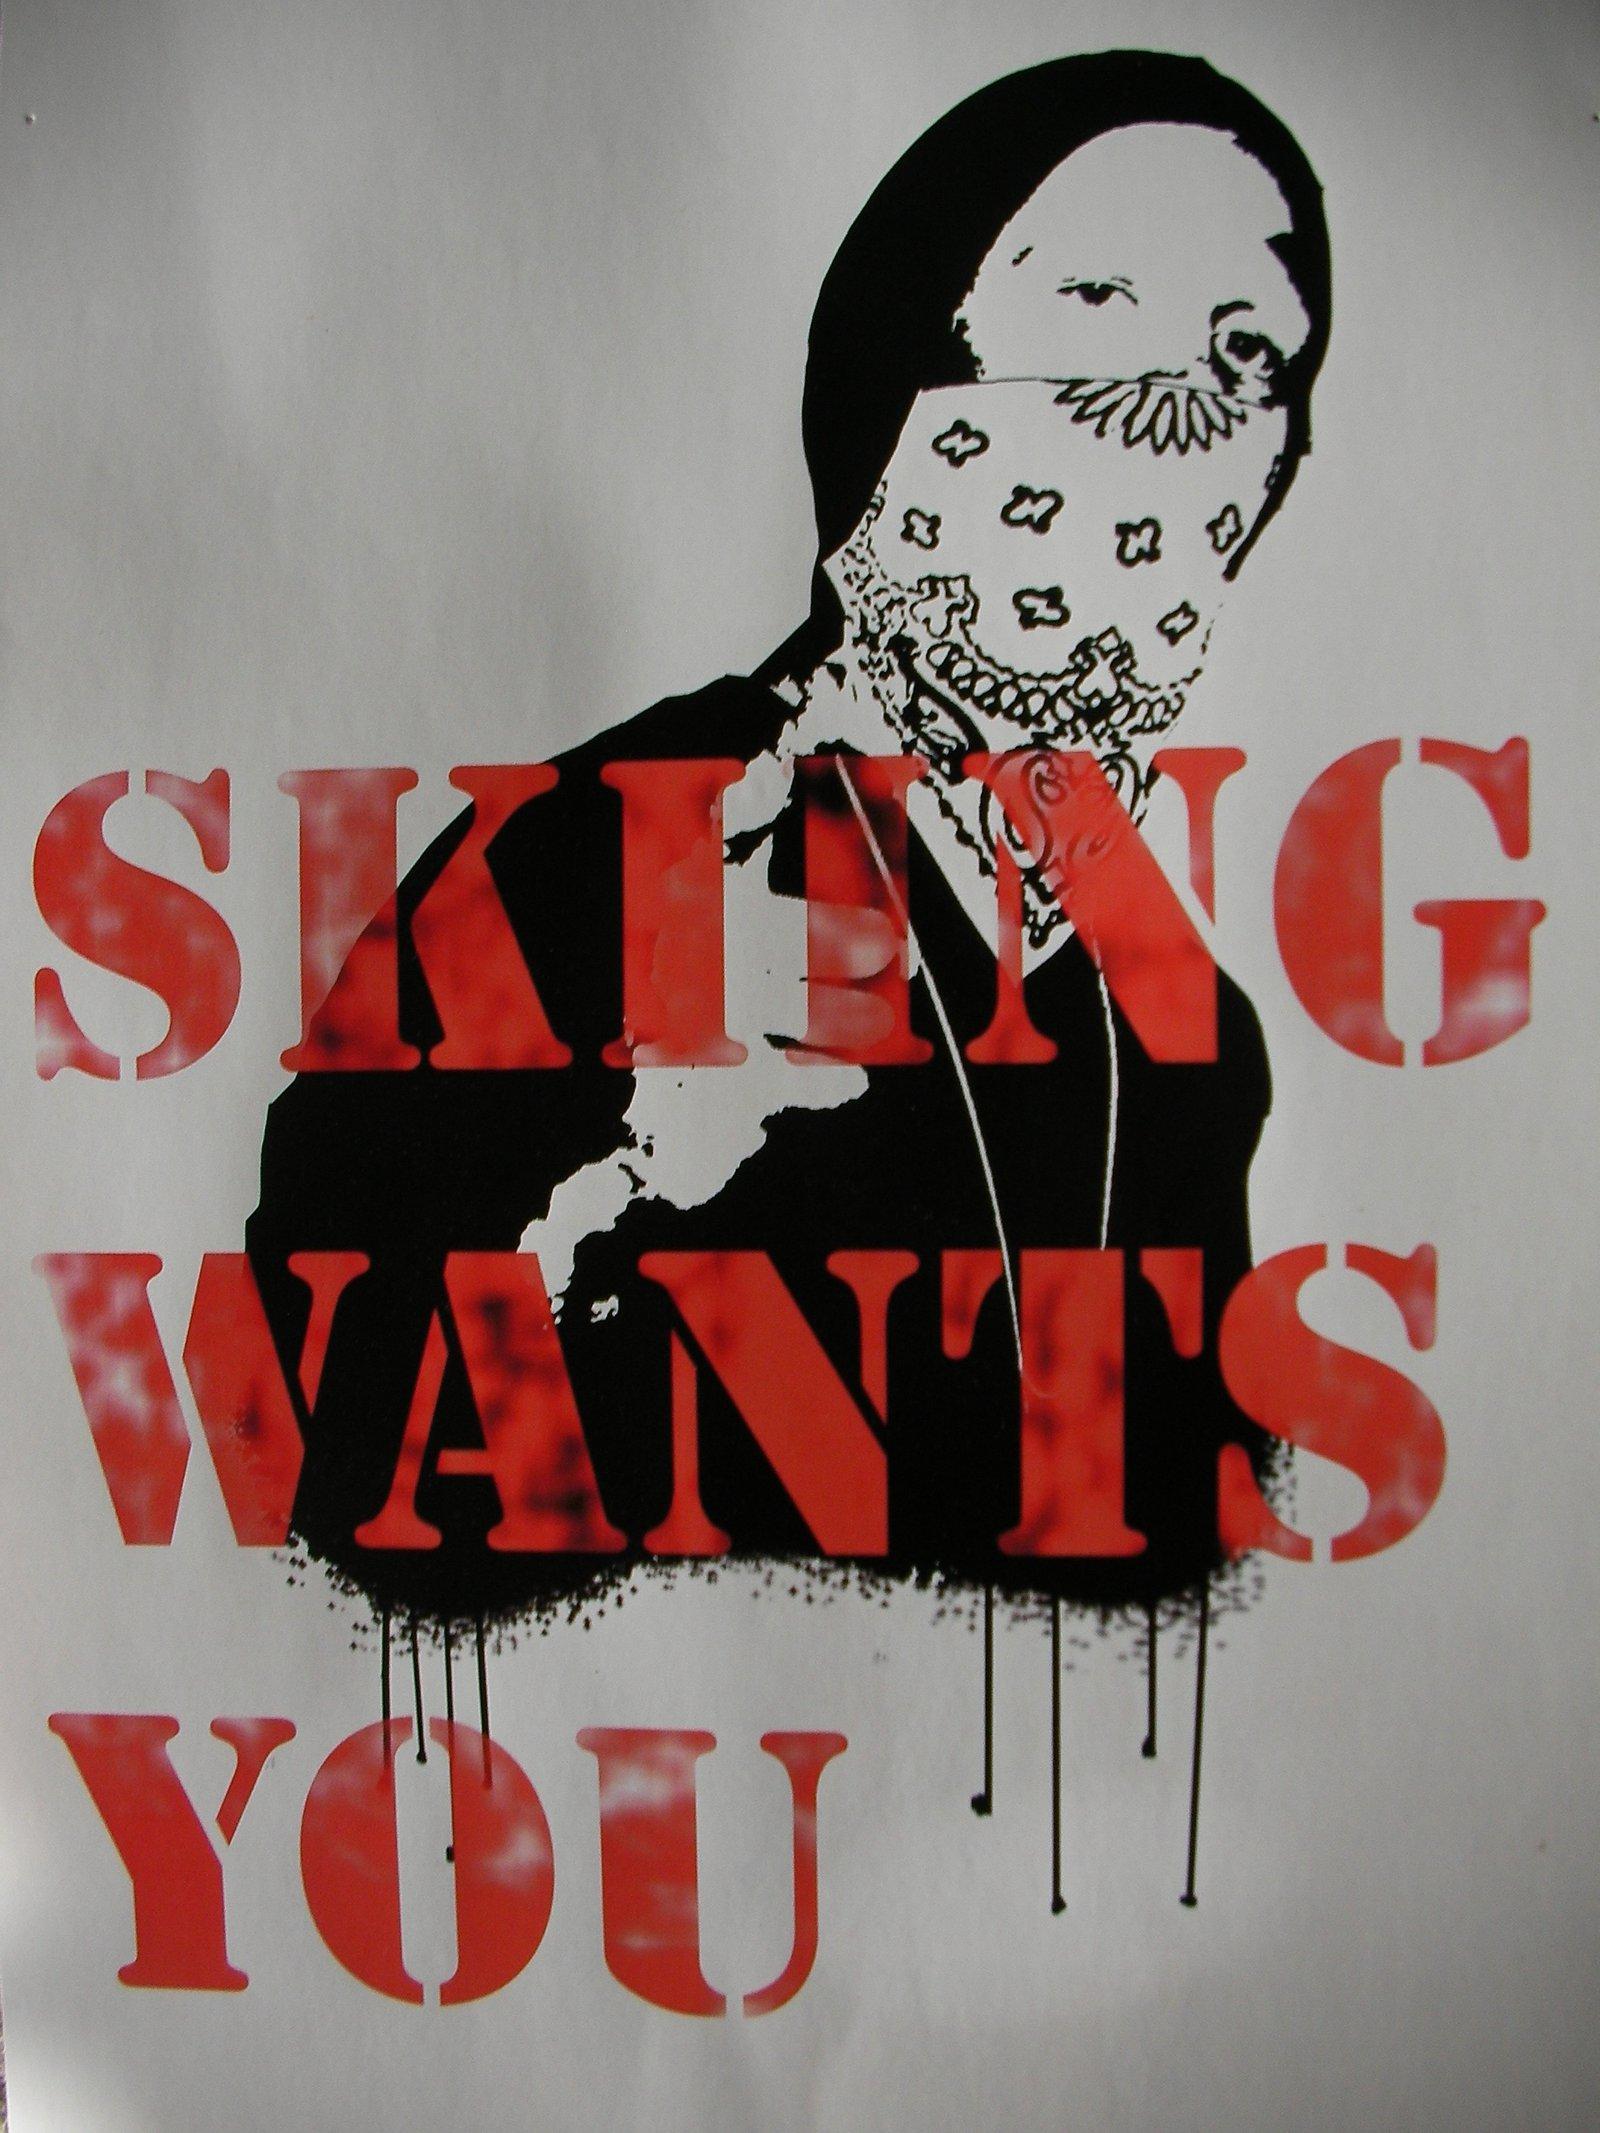 Skiing wants